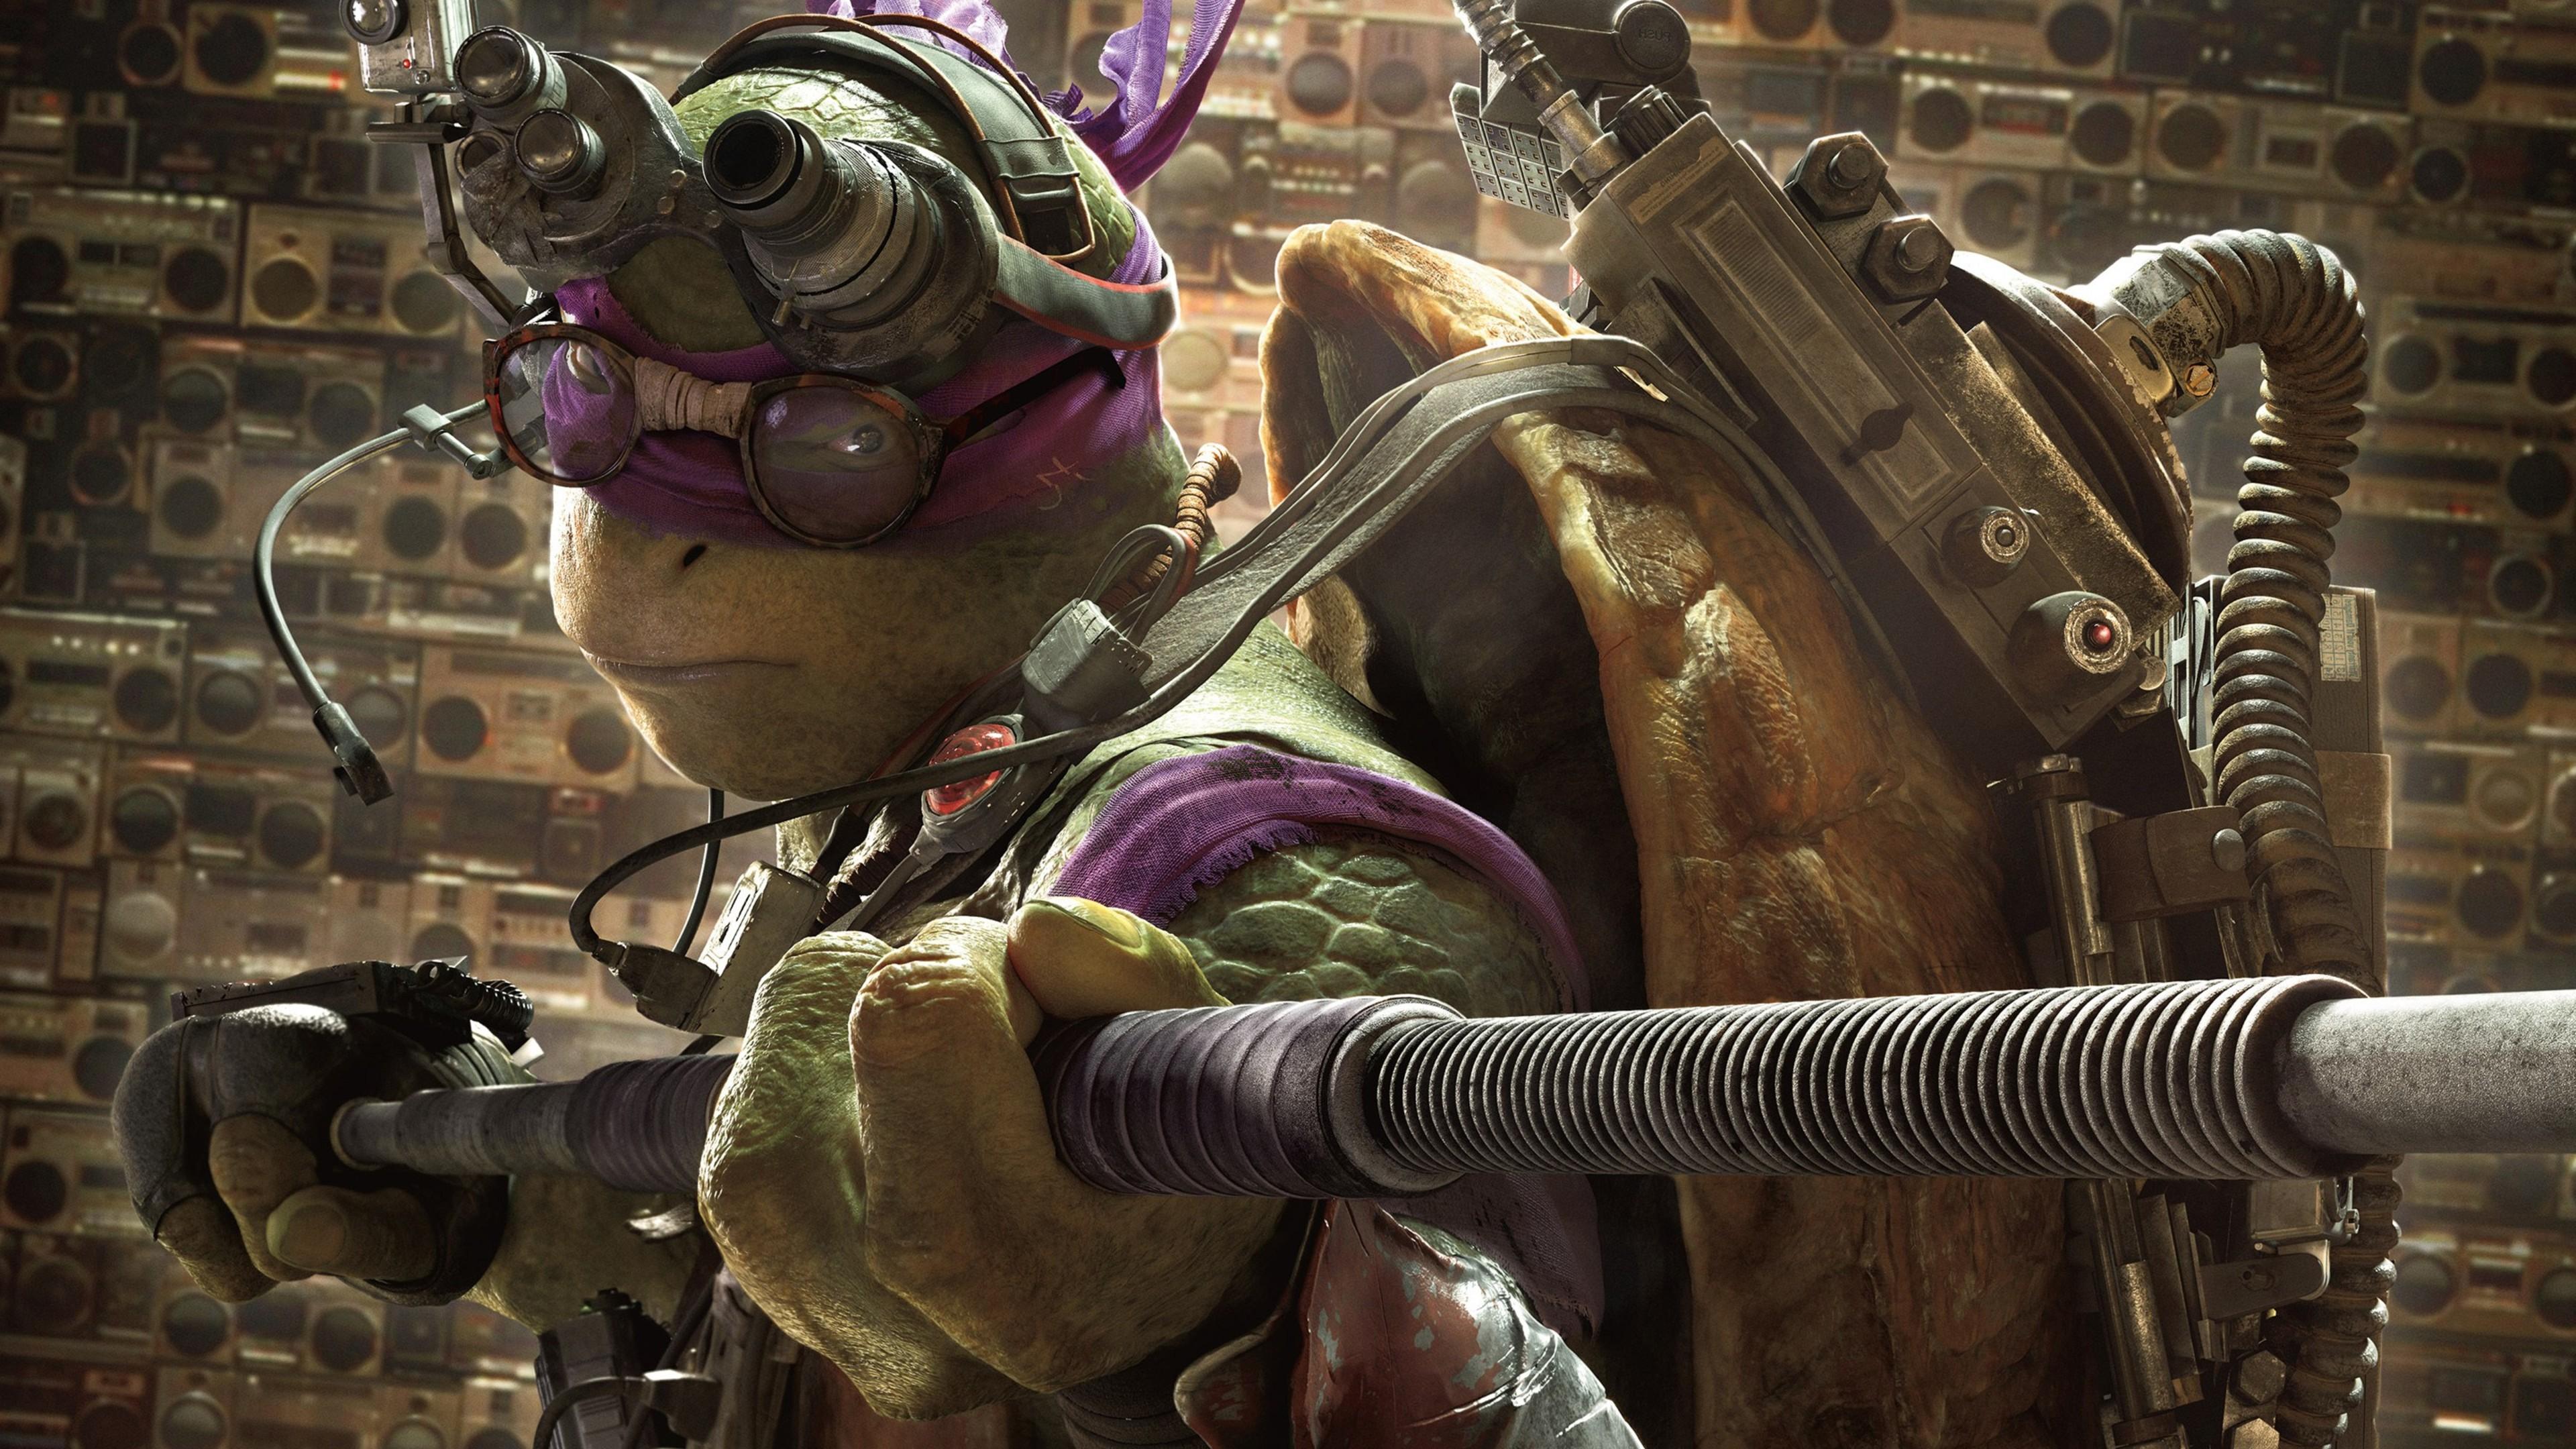 Donnie In Teenage Mutant Ninja Turtles Hd Movies 4k Wallpapers